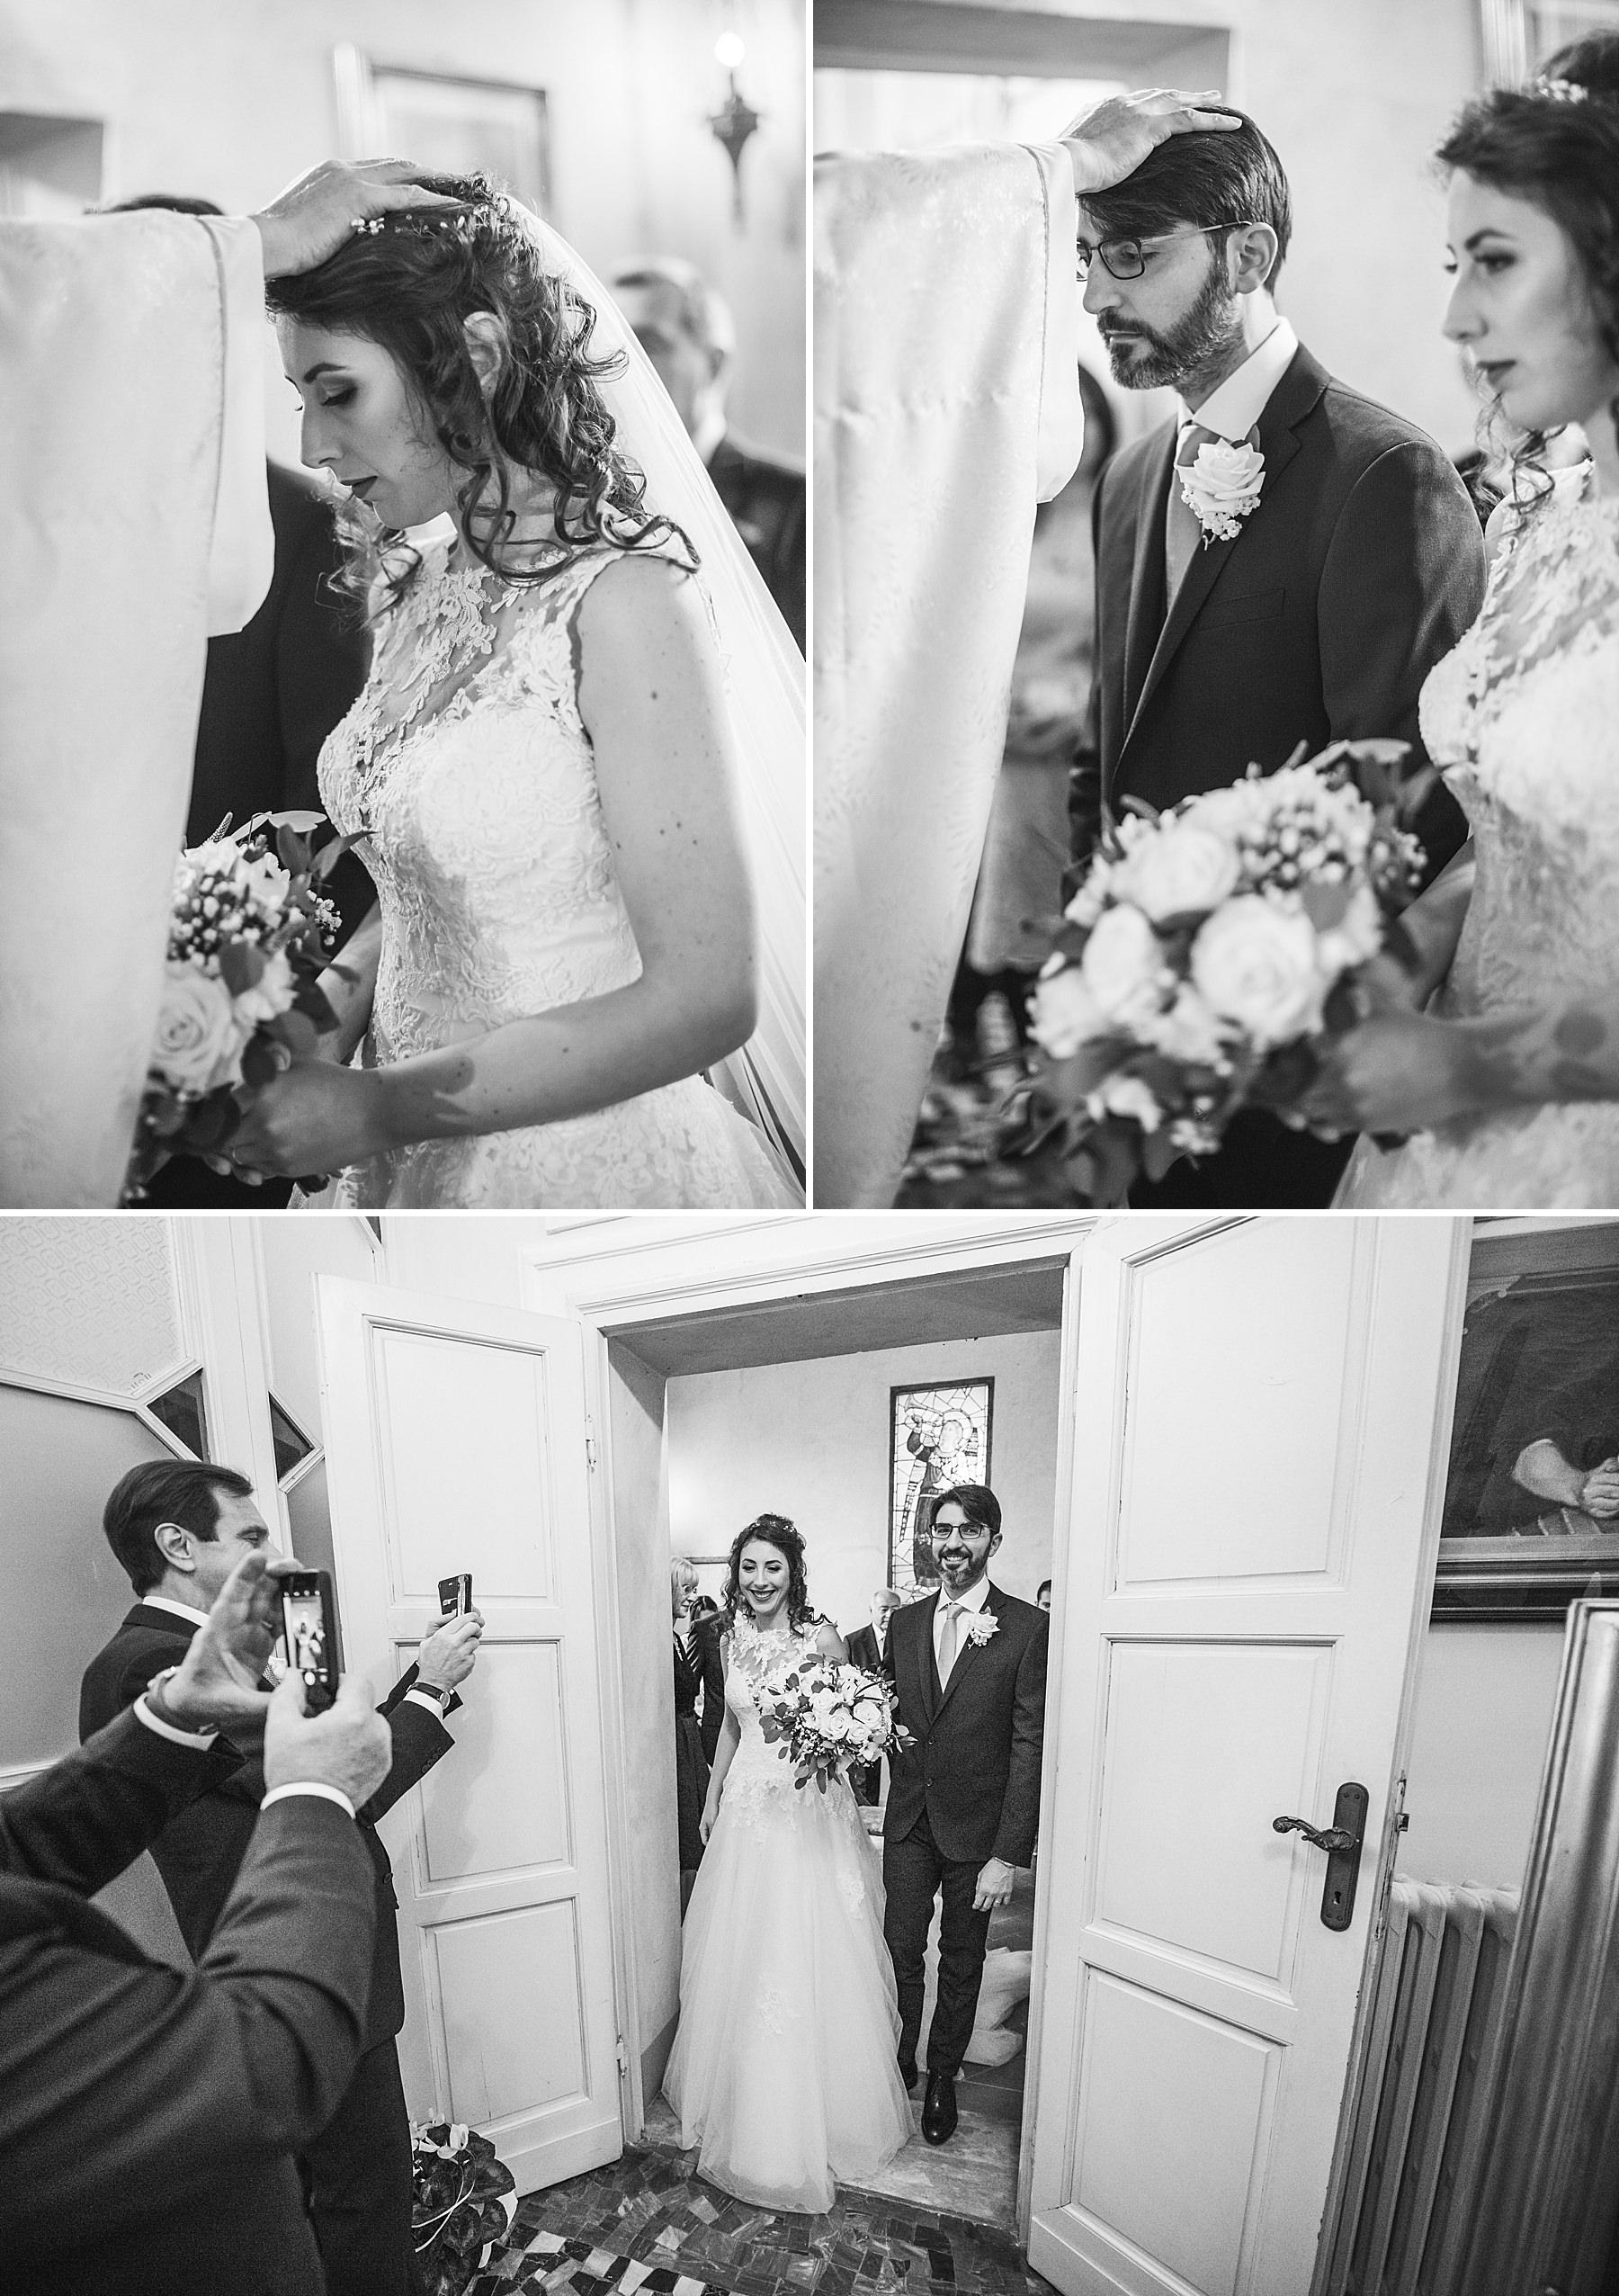 Matrimonio a Dicembre cerimonia privata